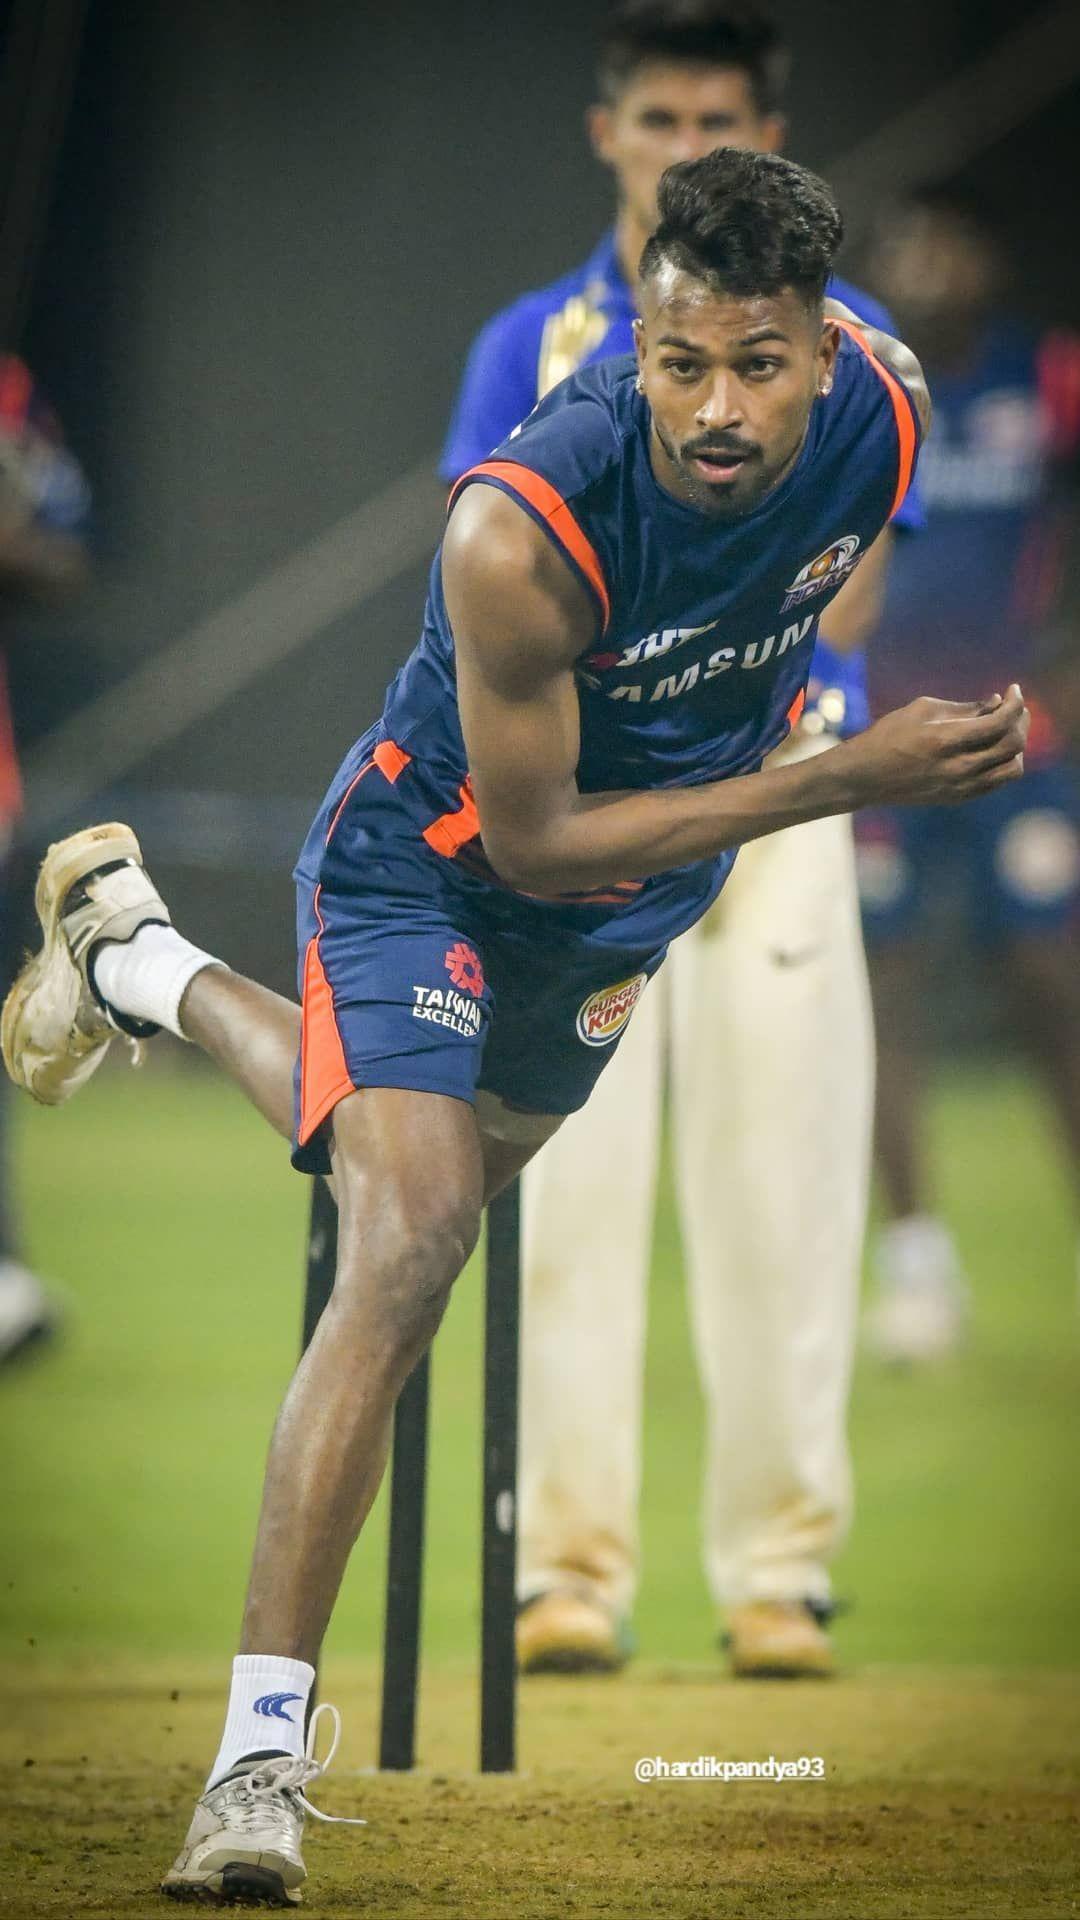 Stories • Instagram India cricket team, Mumbai indians ipl